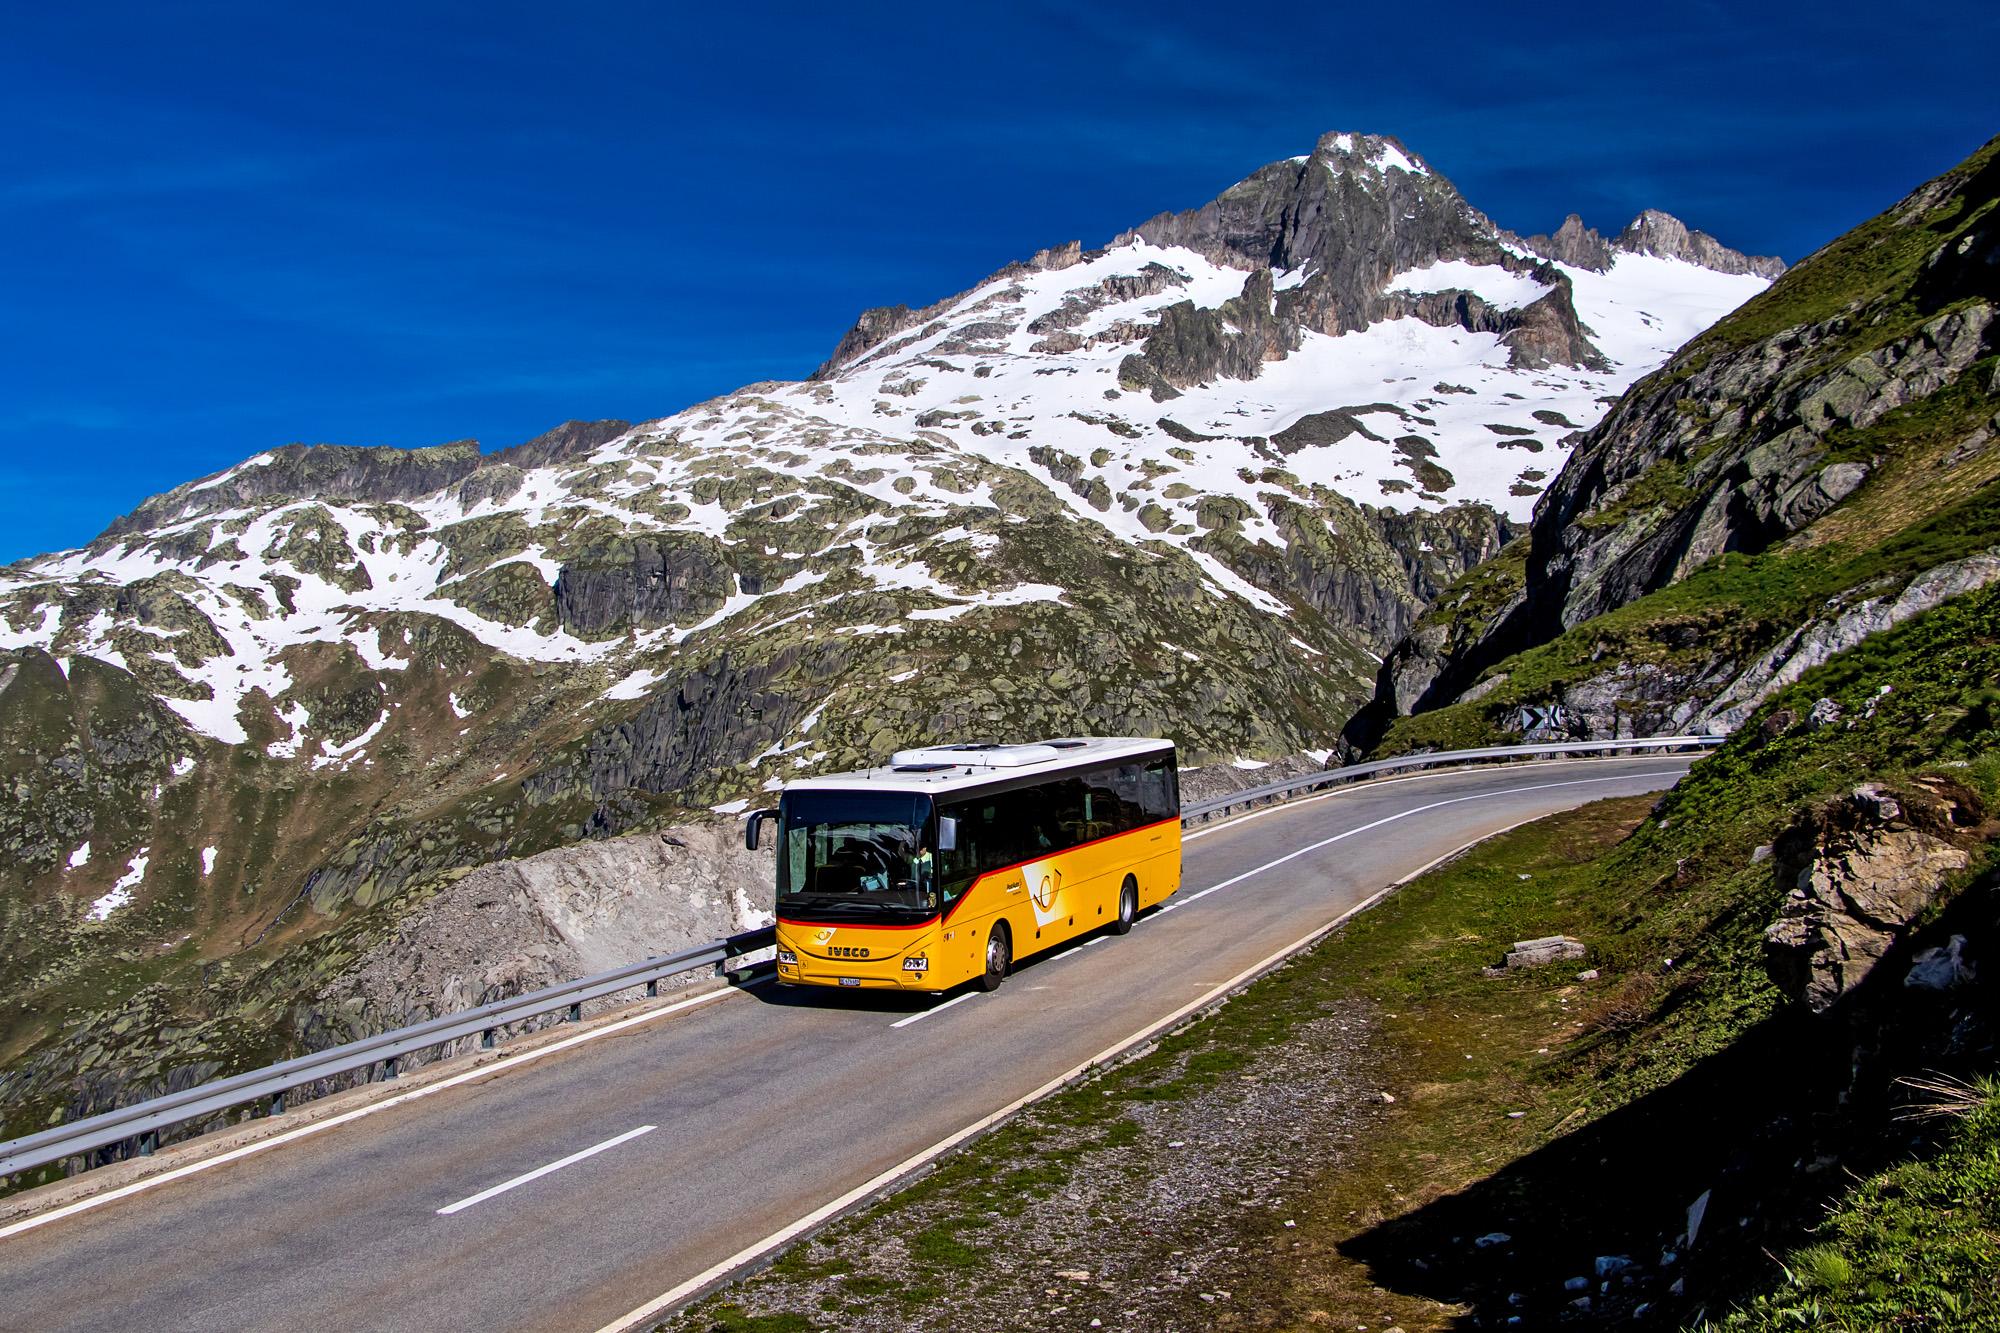 Vor prächtiger Kulisse unterwegs: Postauto auf der Furka-Passstrasse